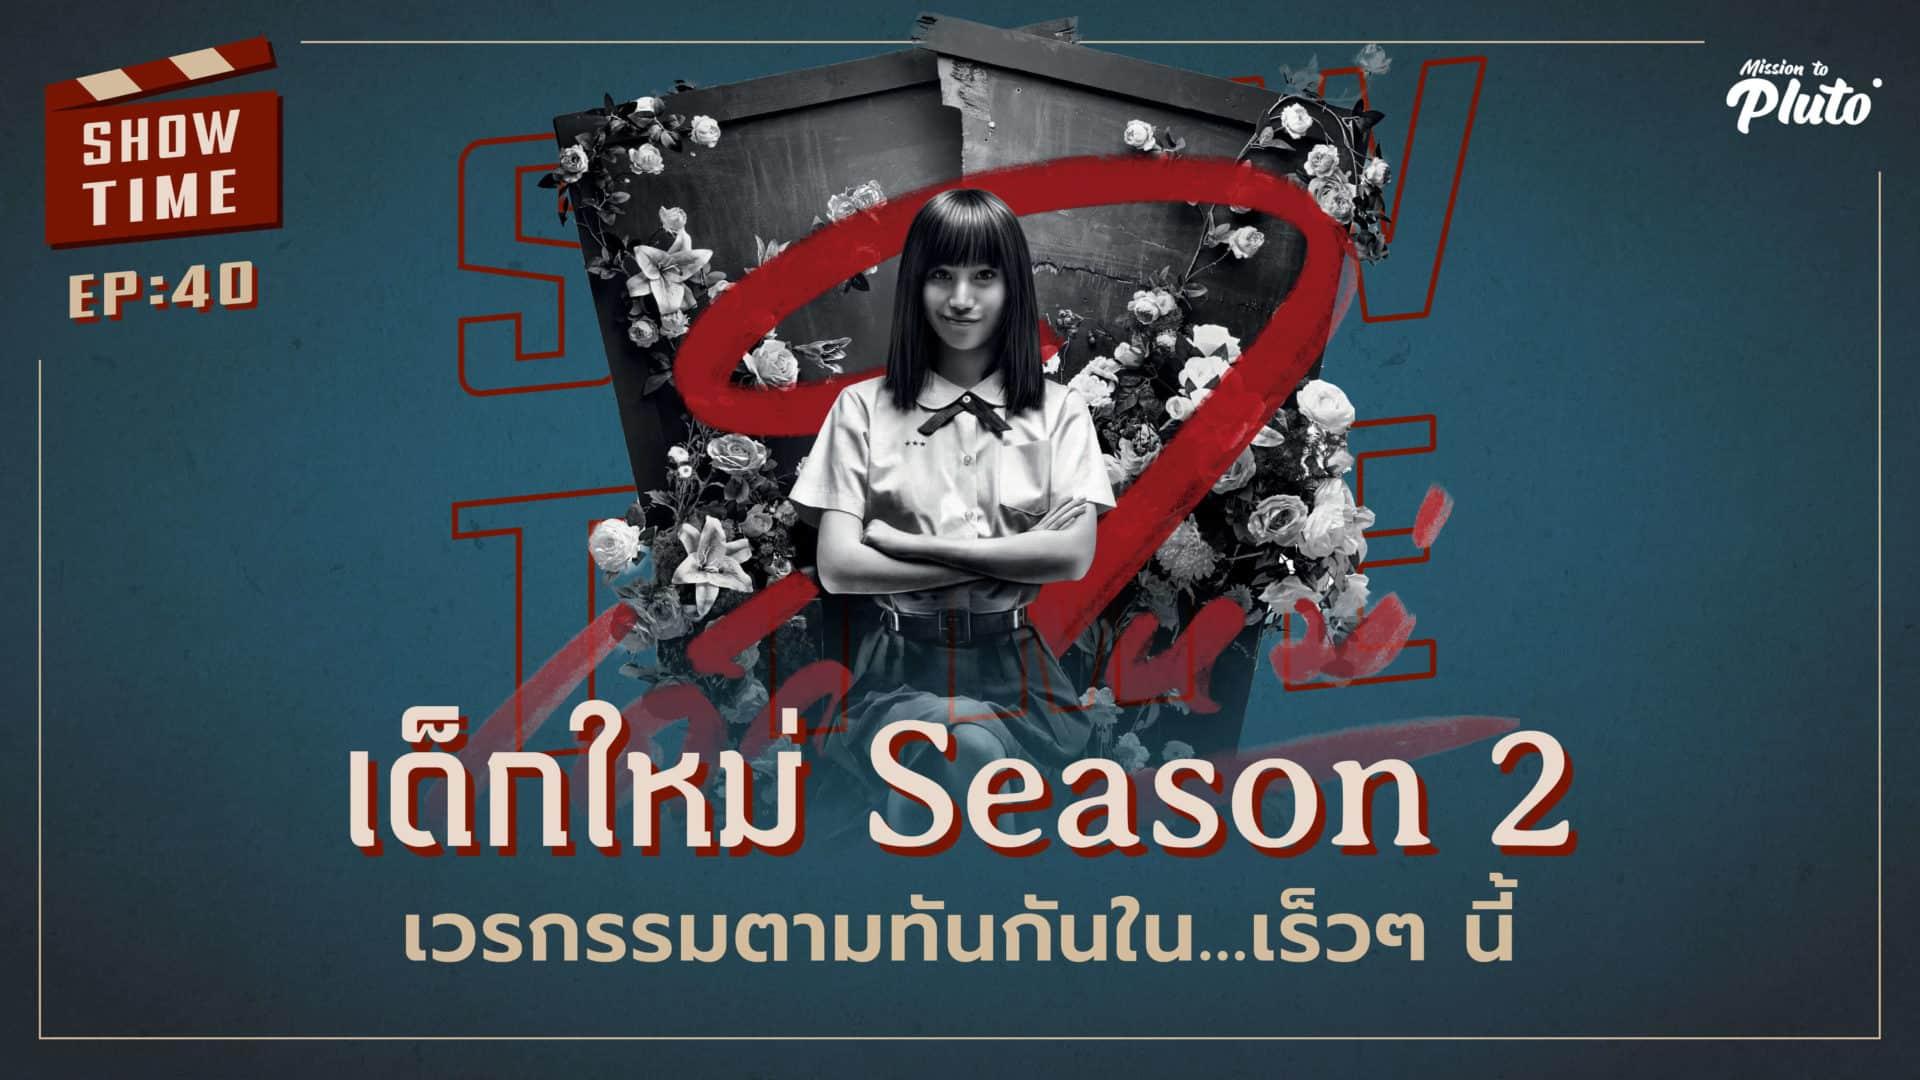 เด็กใหม่ Season 2